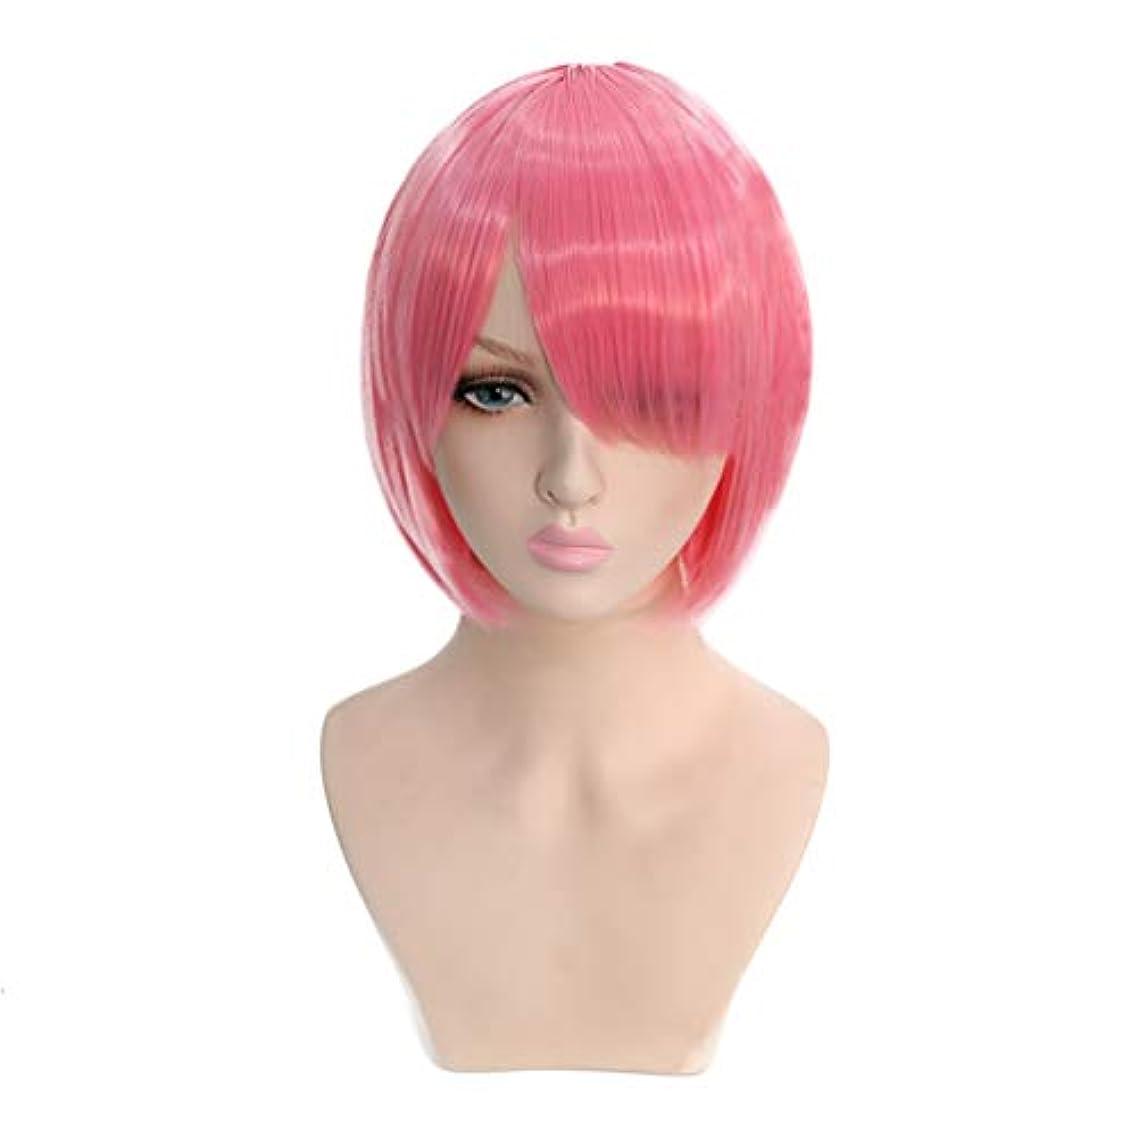 許可潤滑する捧げる女性かつら耐熱合成ショートシルキーパーティーヘアウィッグライト150%密度ハロウィンコスプレピンクに適した30cm